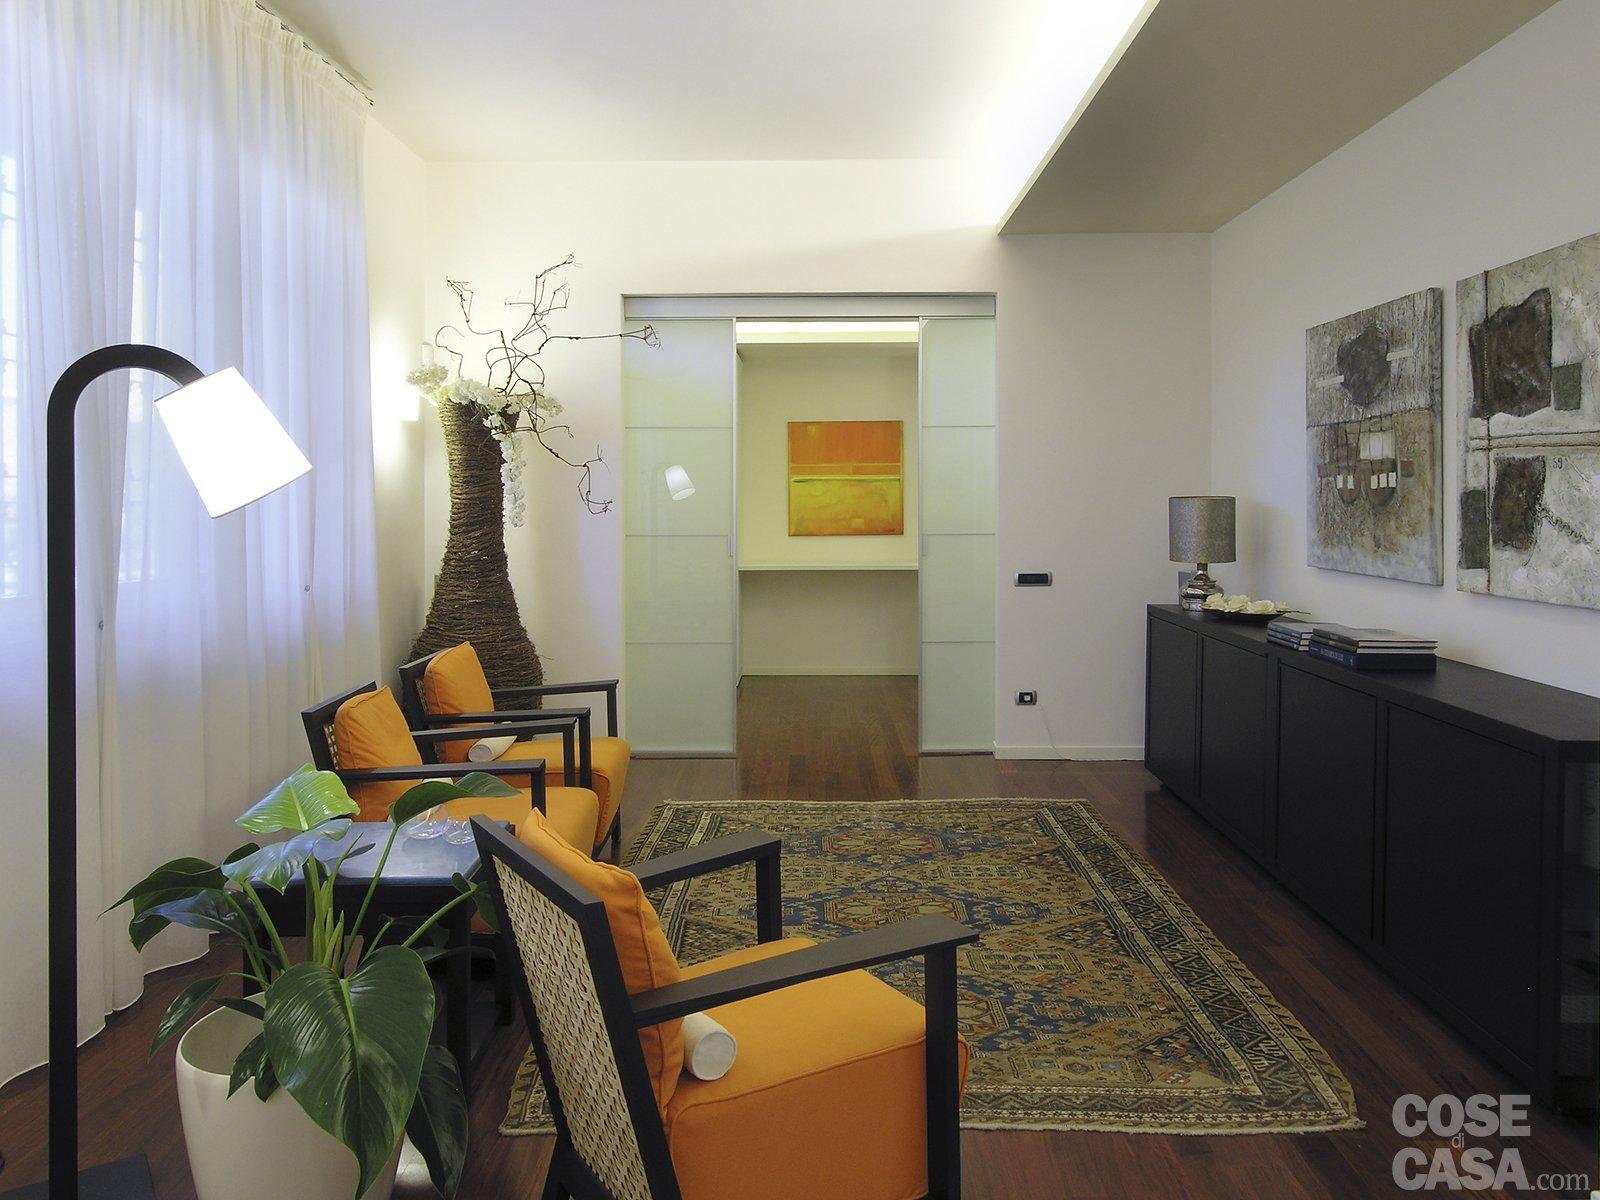 Pareti Esterne Illuminate : Una casa con tante idee da copiare cose di casa